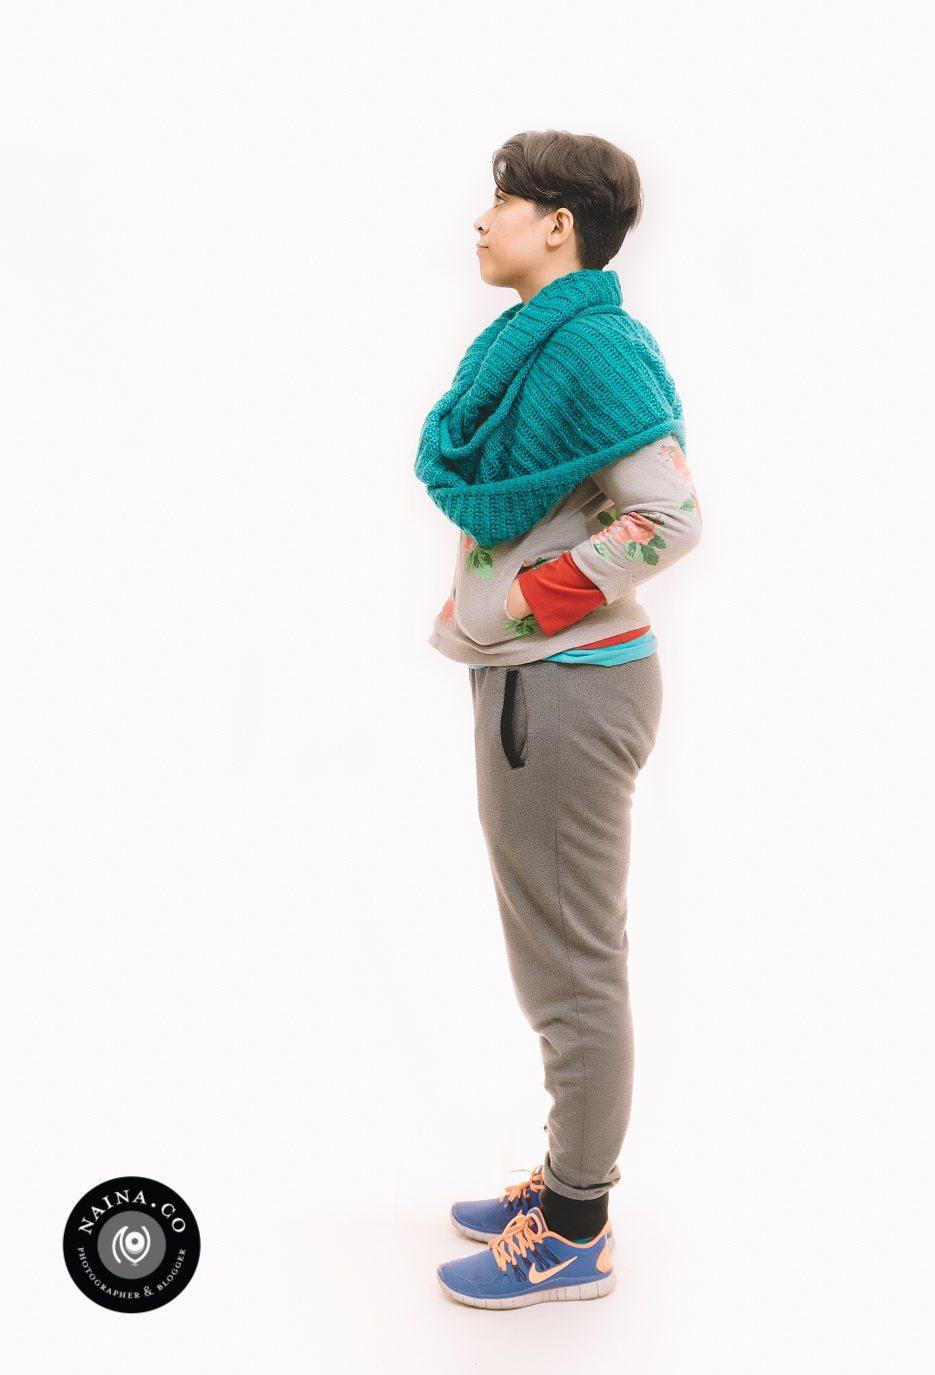 Naina.co-Raconteuse-Visuelle-Photographer-Blogger-Storyteller-Luxury-Lifestyle-January-2015-Walking